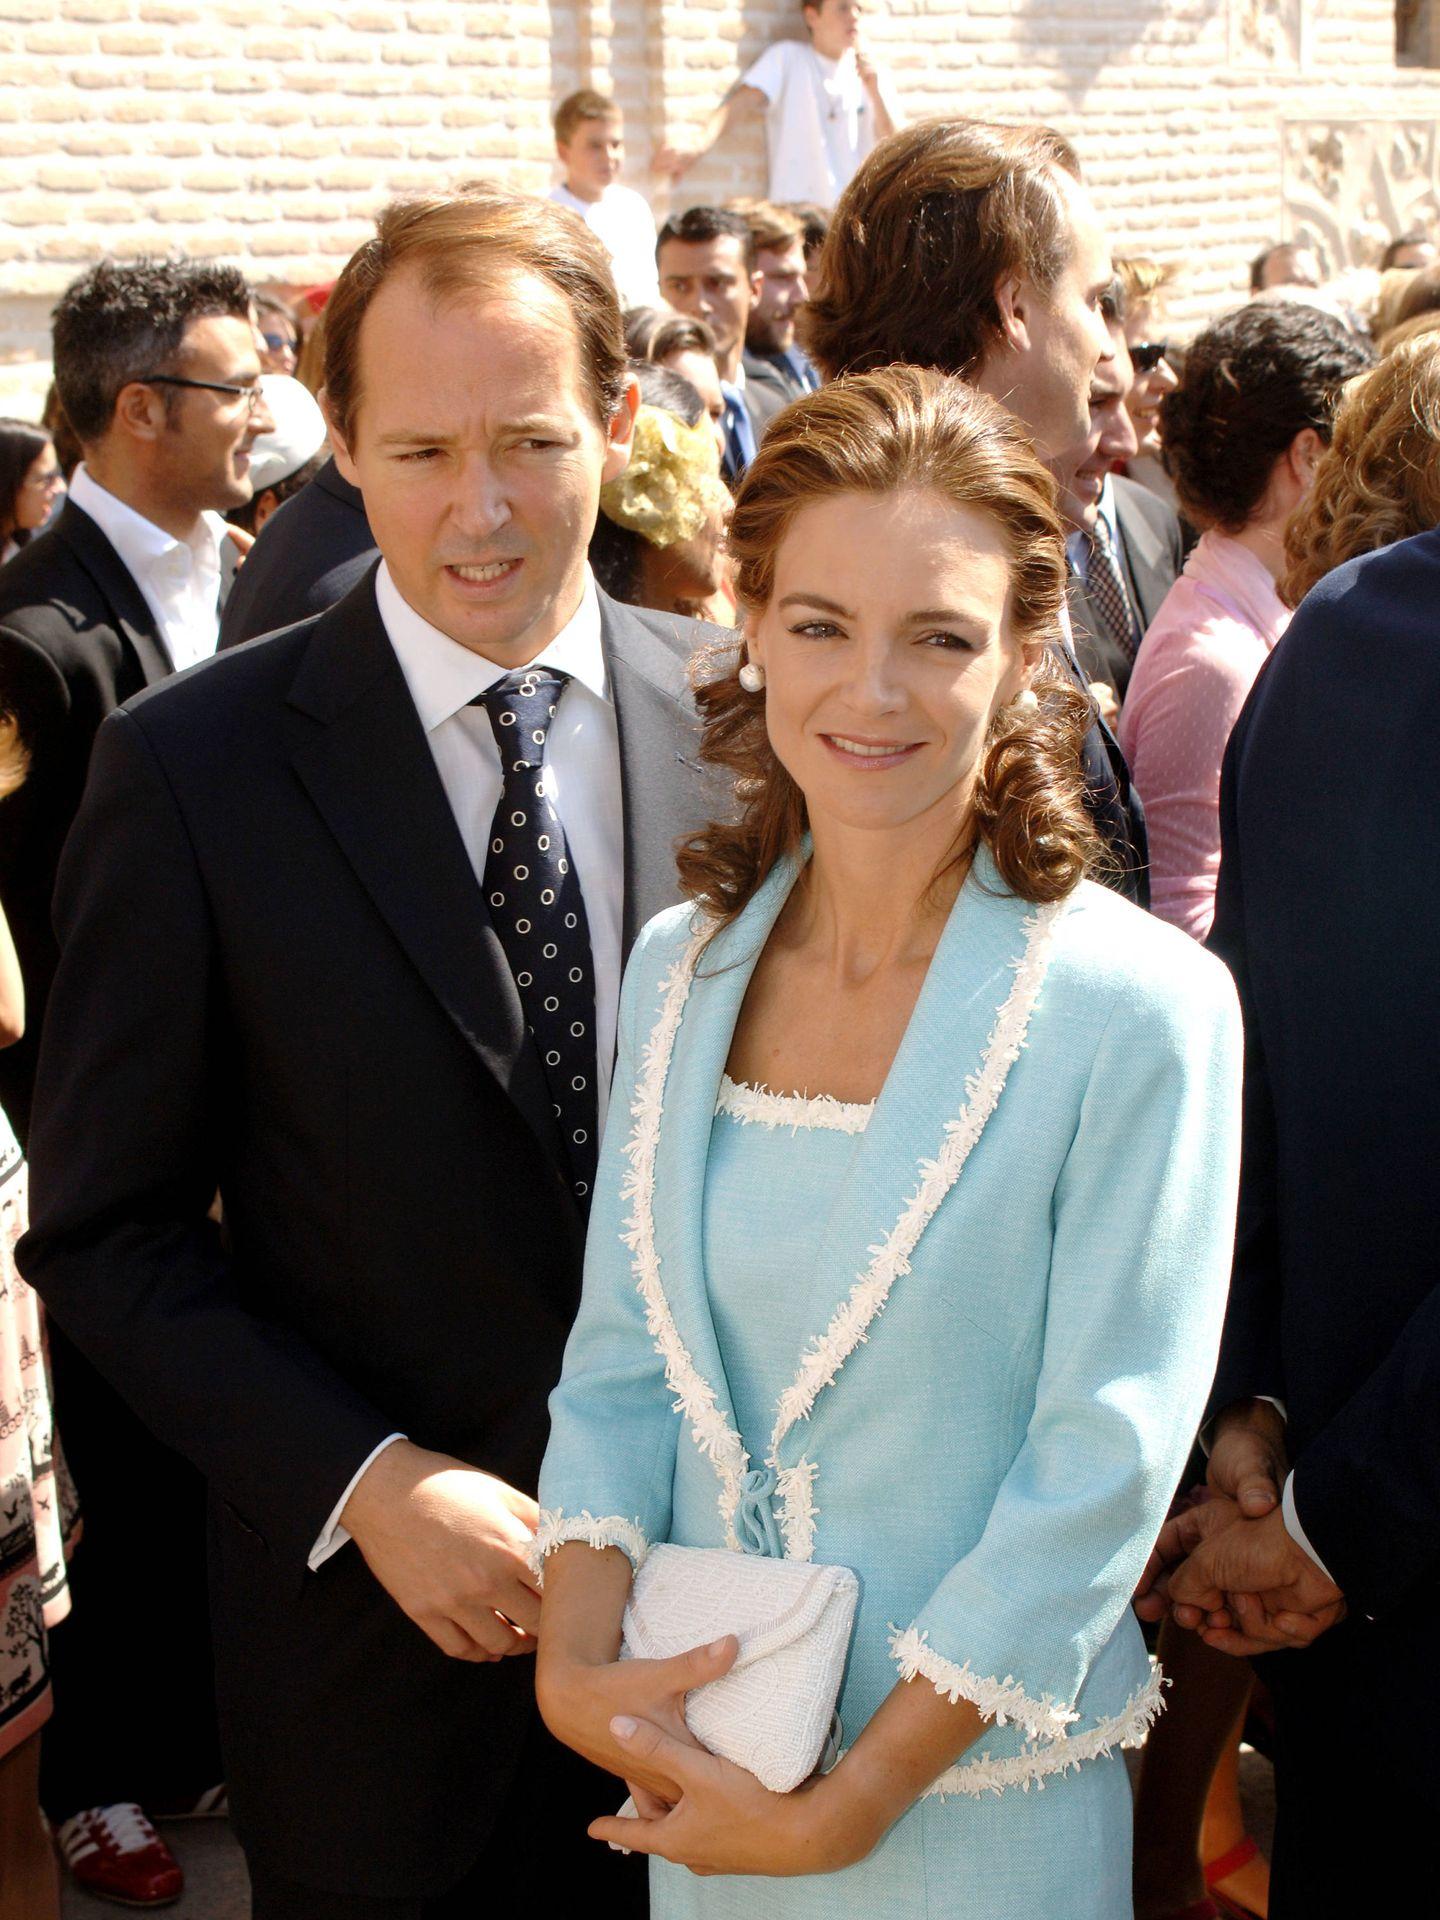 María García de la Rasilla, de Óscar de la Renta, y Constantino de Bulgaria. (Korpa)